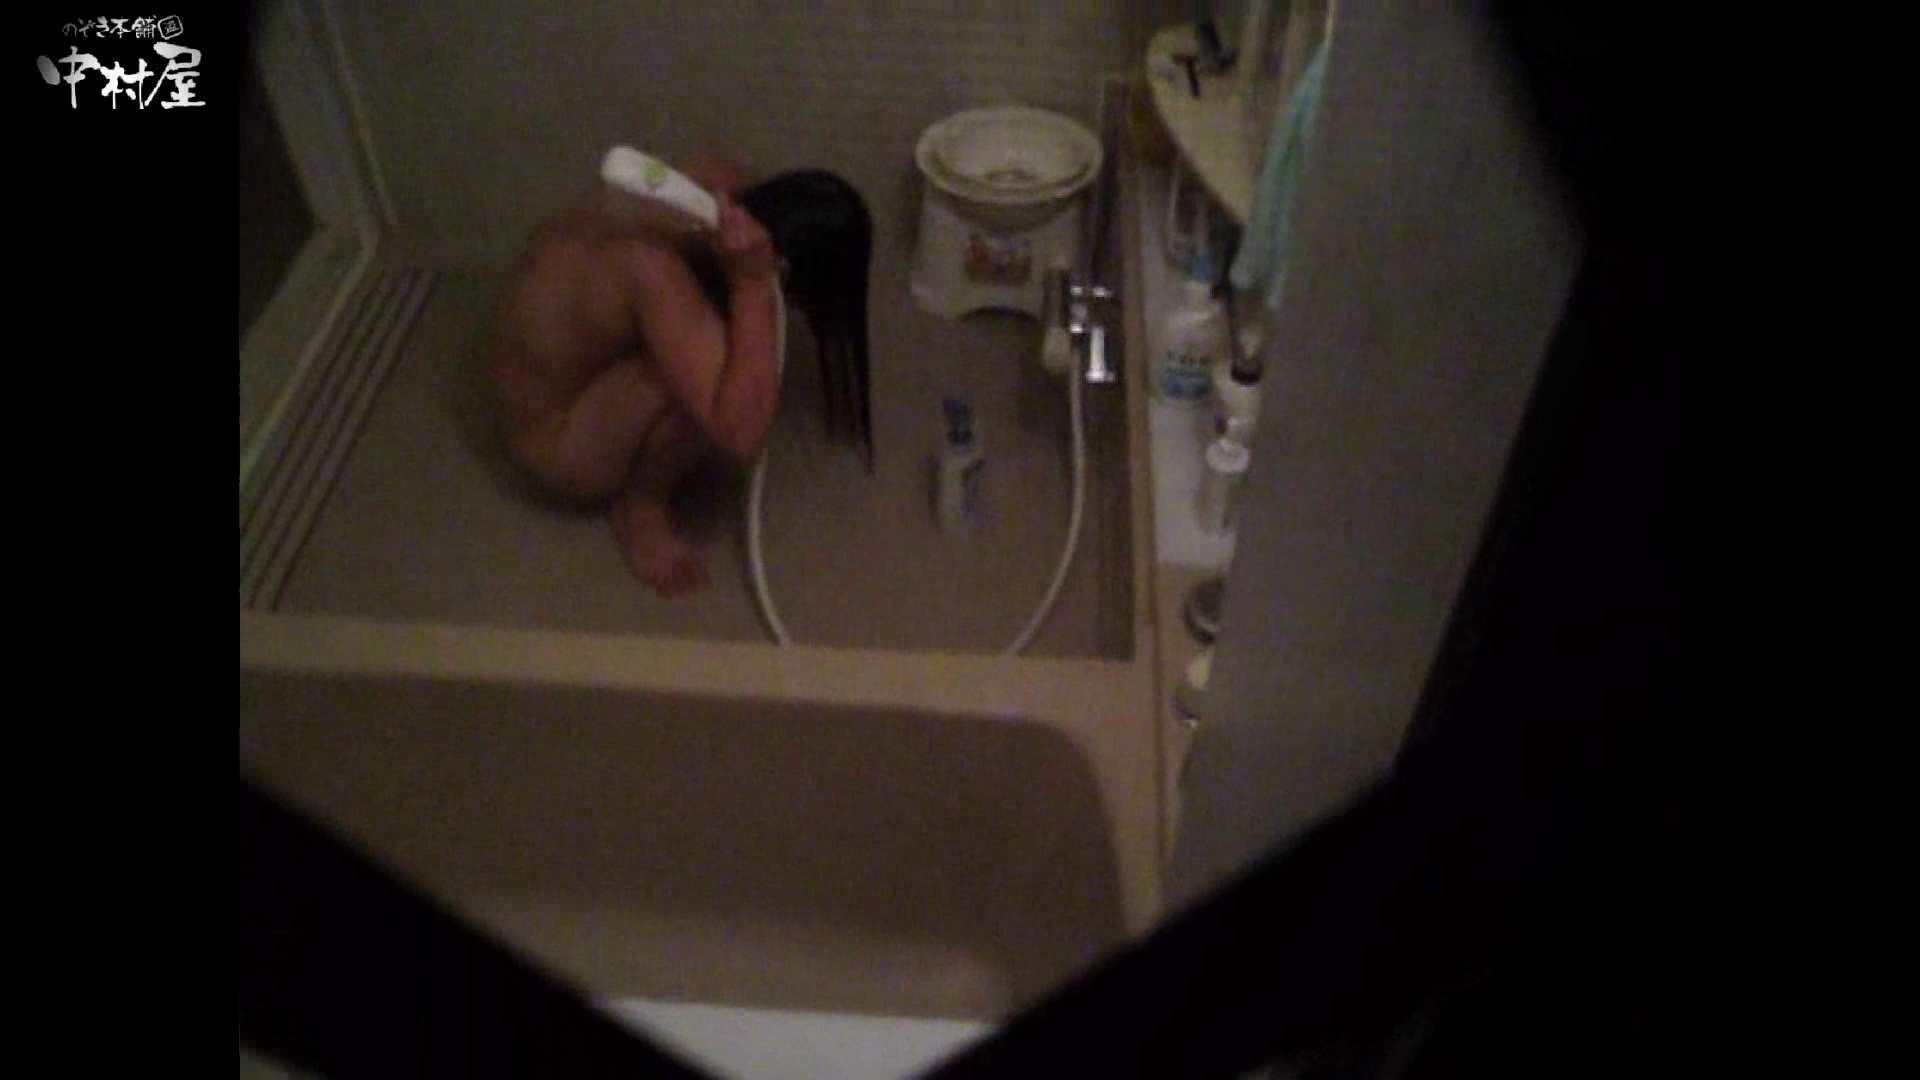 民家風呂専門盗撮師の超危険映像 vol.018 美女のカラダ AV動画キャプチャ 10pic 4